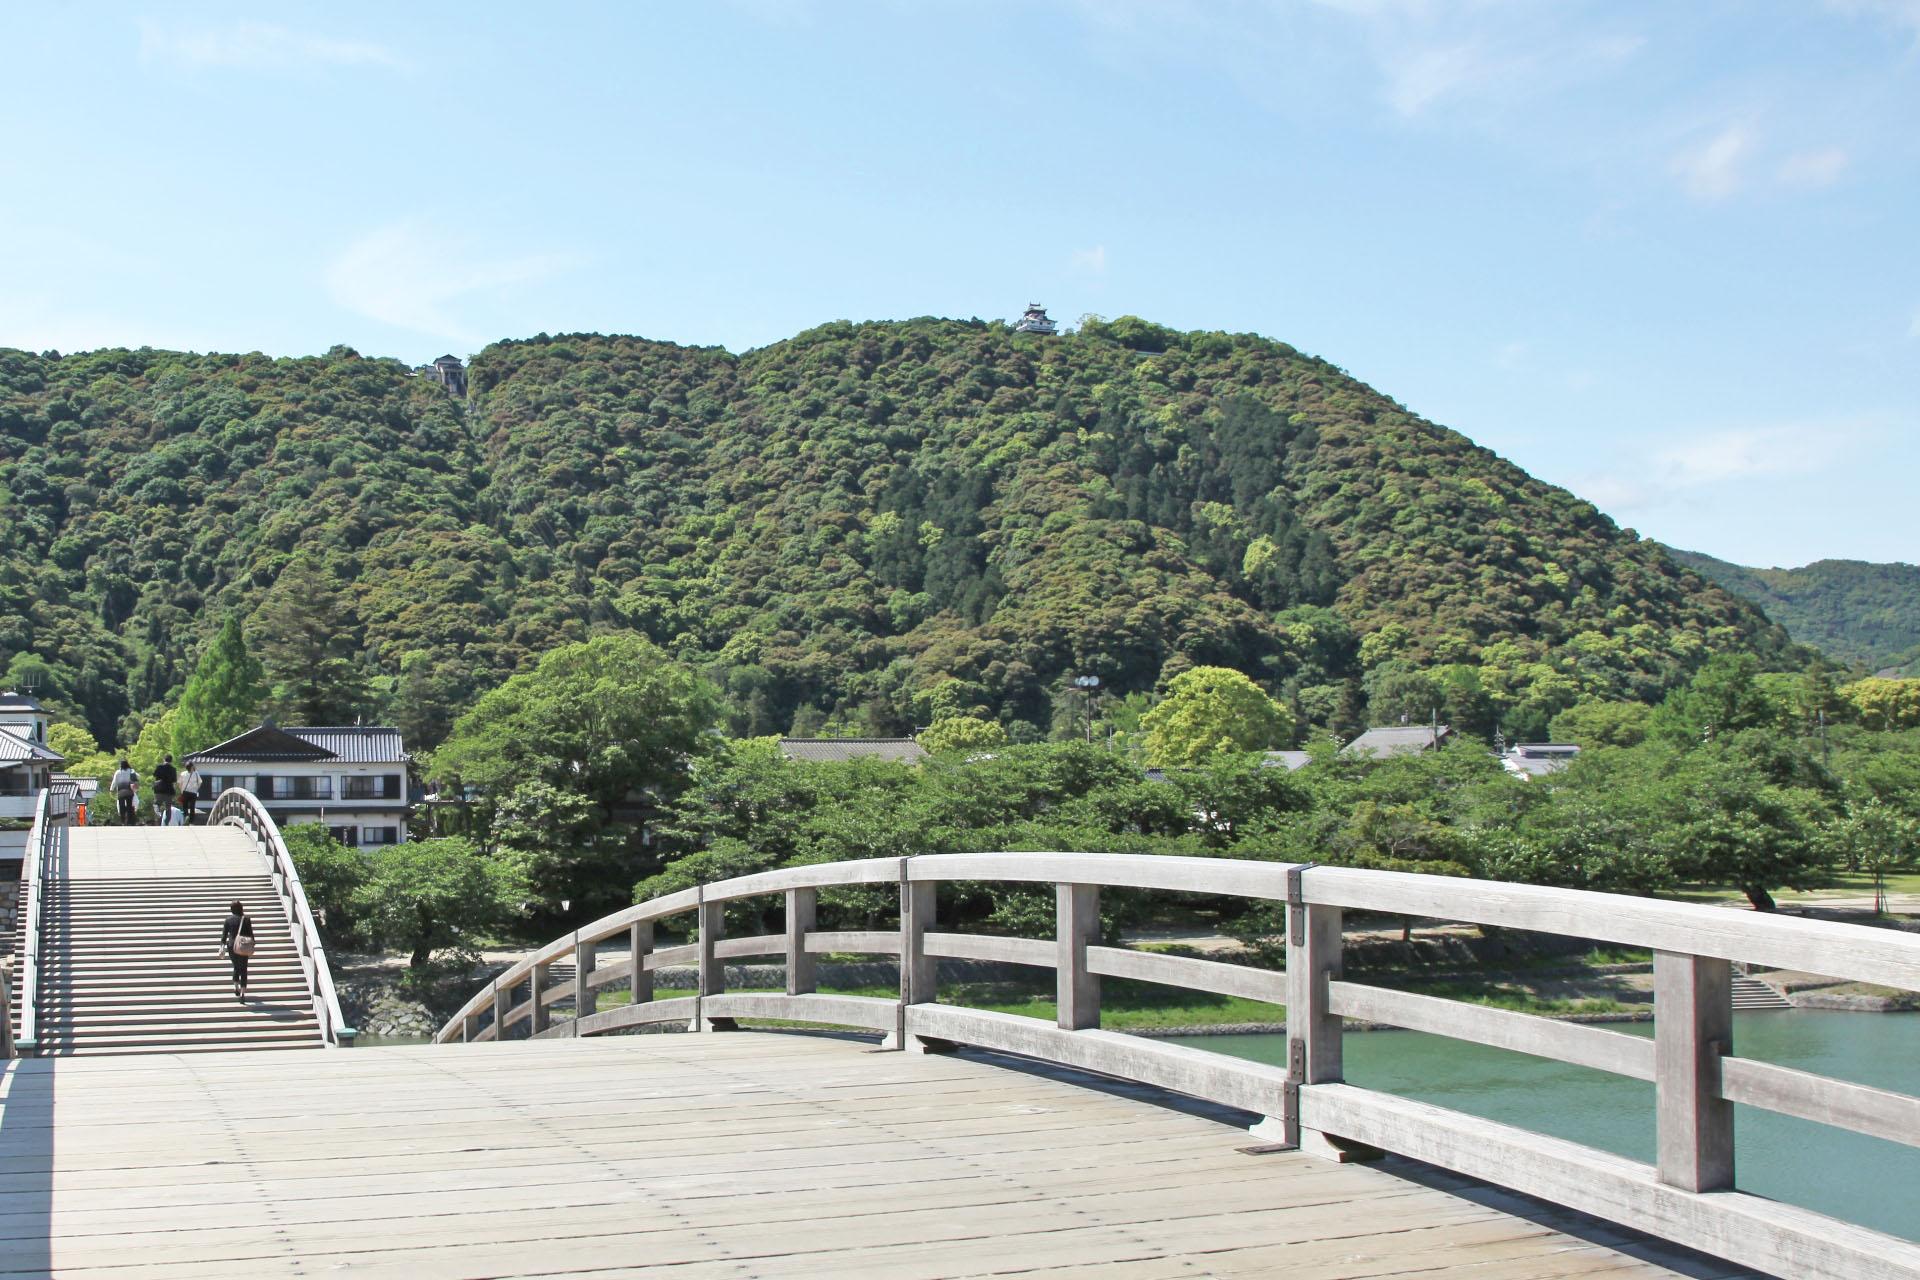 錦帯橋から見る岩国城(真ん中よりやや右寄りの位置)